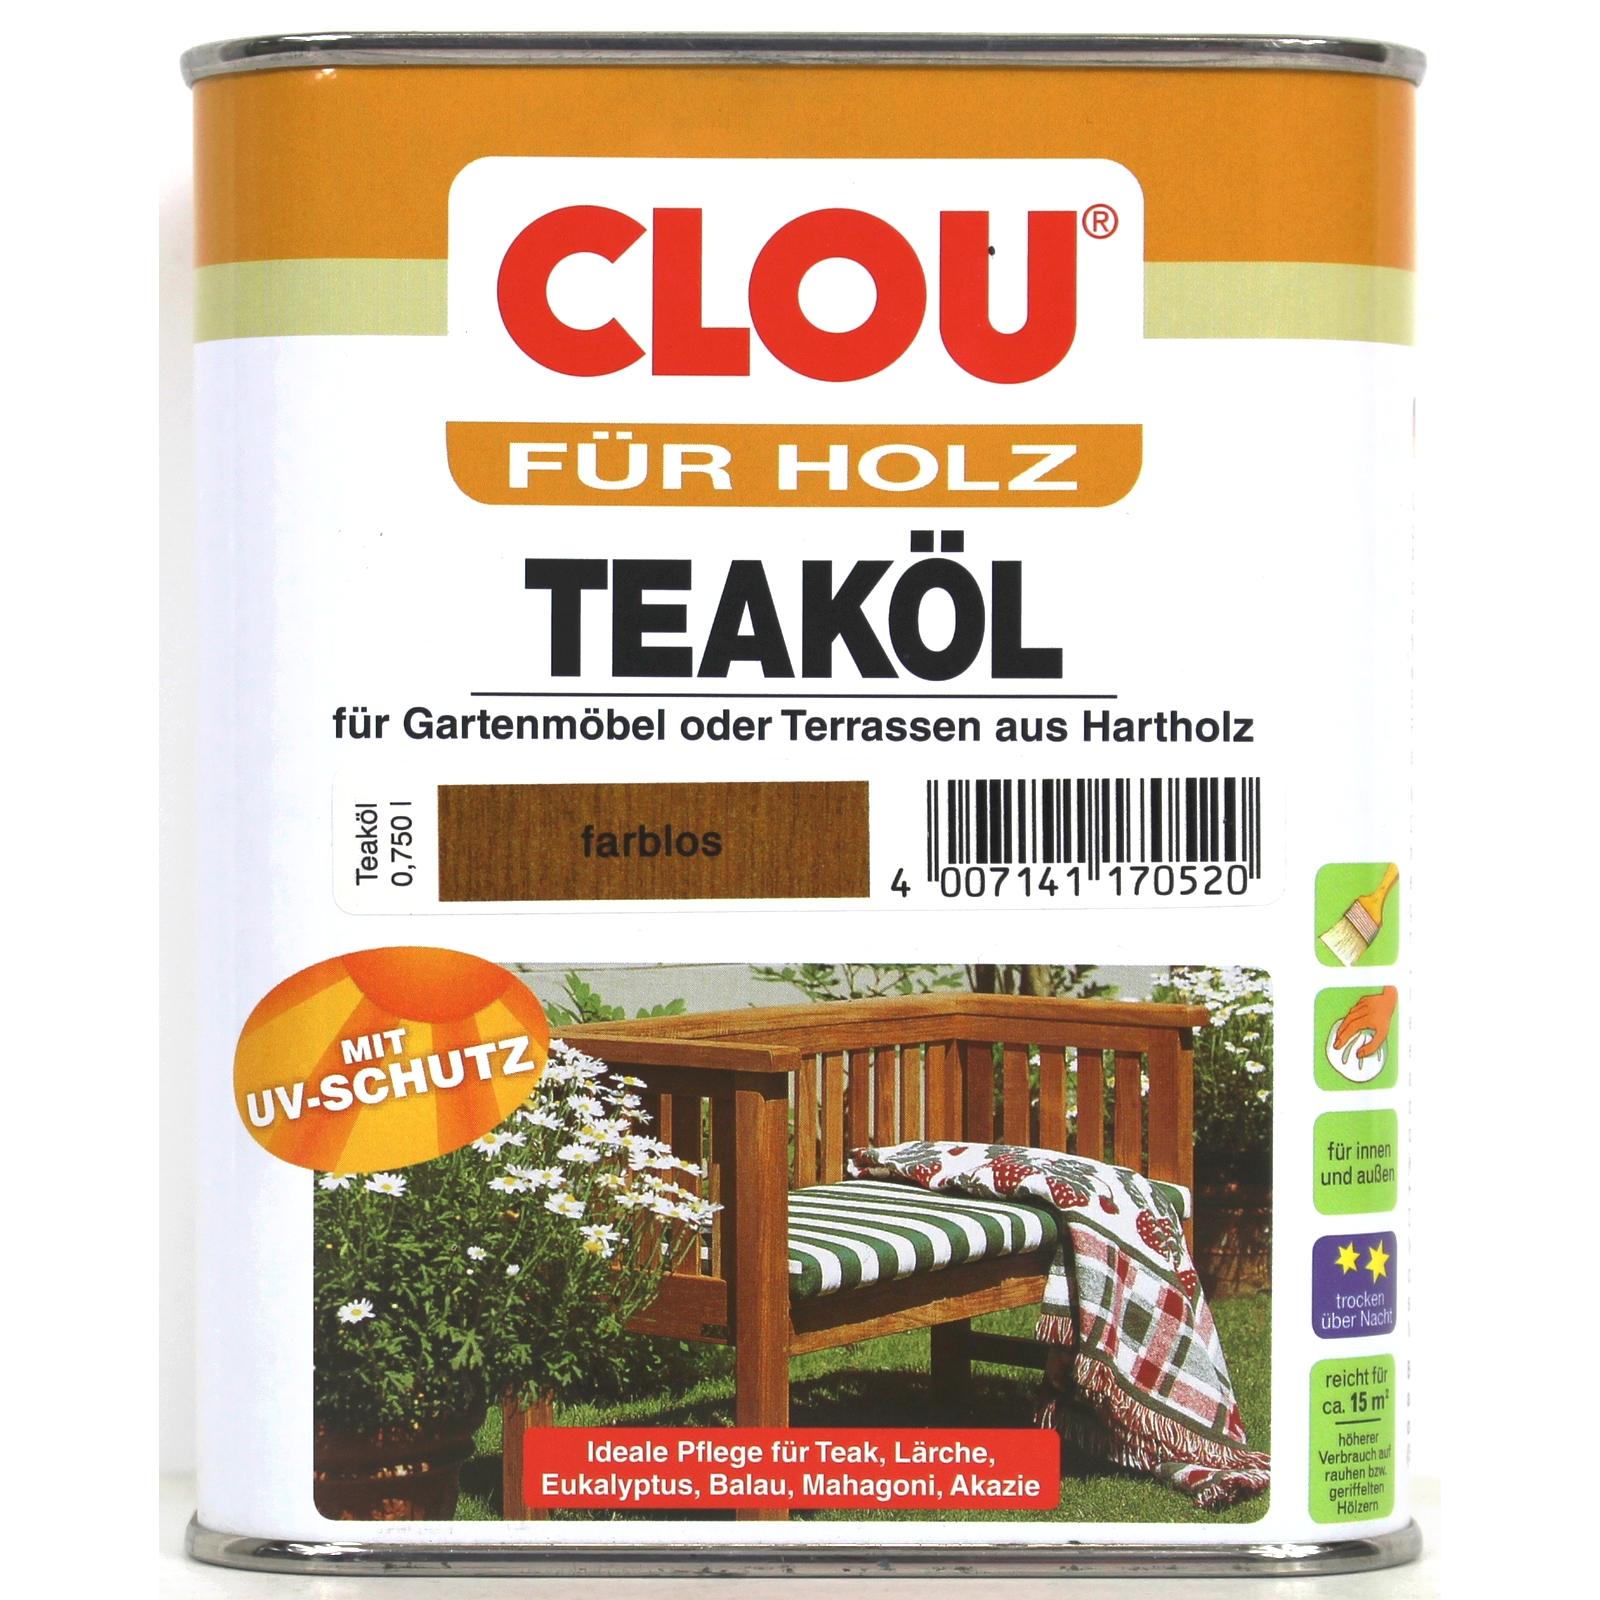 16,5?/l Clou Teaköl Gartenmöbel Öl Teak Mahagoni Zeder Eukalyptus ... Gartenmobel Teakholz Teakol